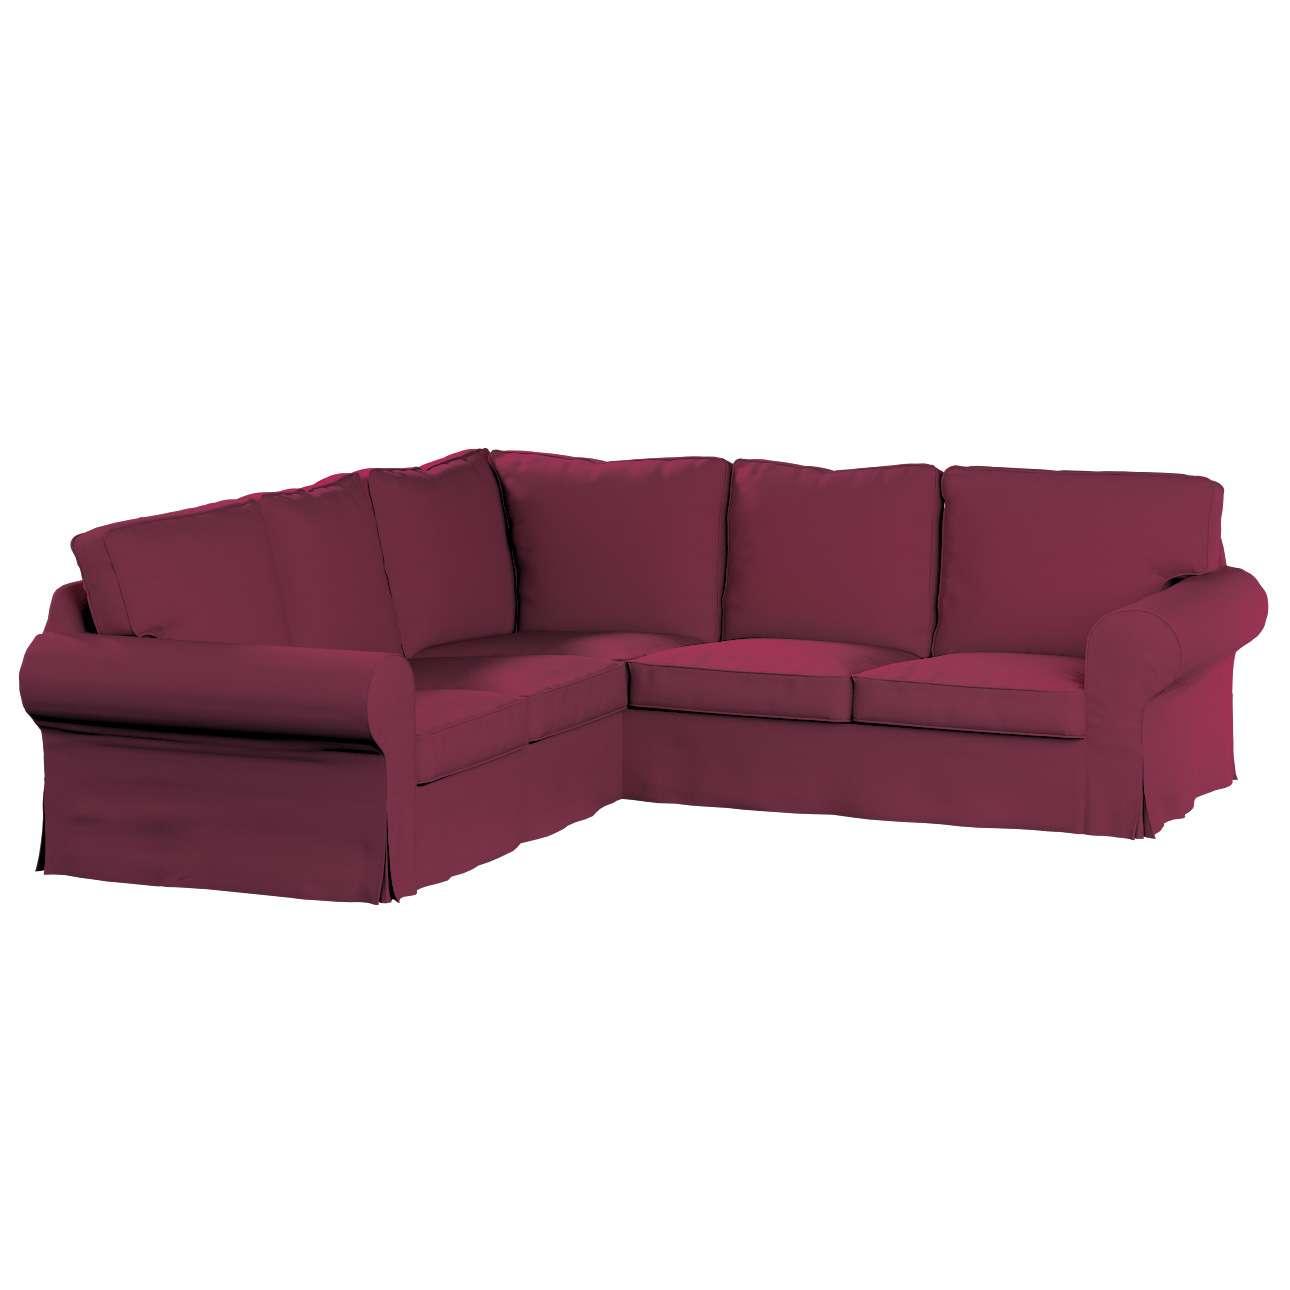 Ektorp kampinė sofa Ektorp kampinė sofa kolekcijoje Cotton Panama, audinys: 702-32